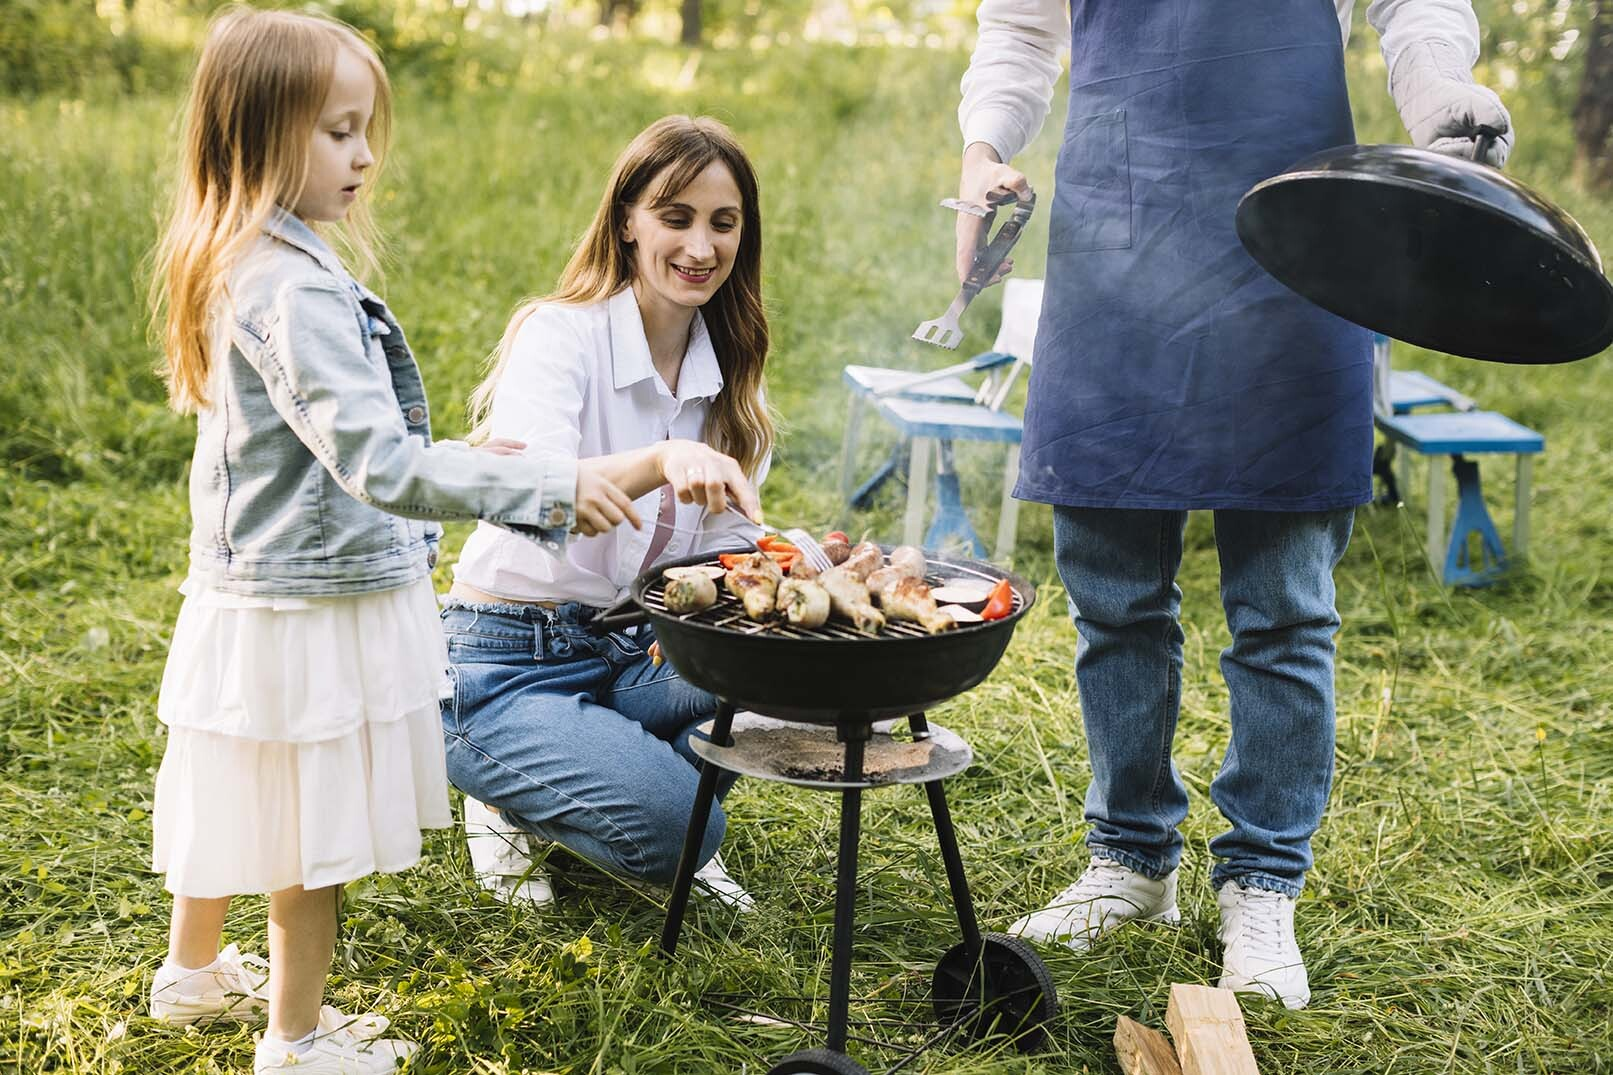 healthy-summer-meals-backyard-bbq-kids